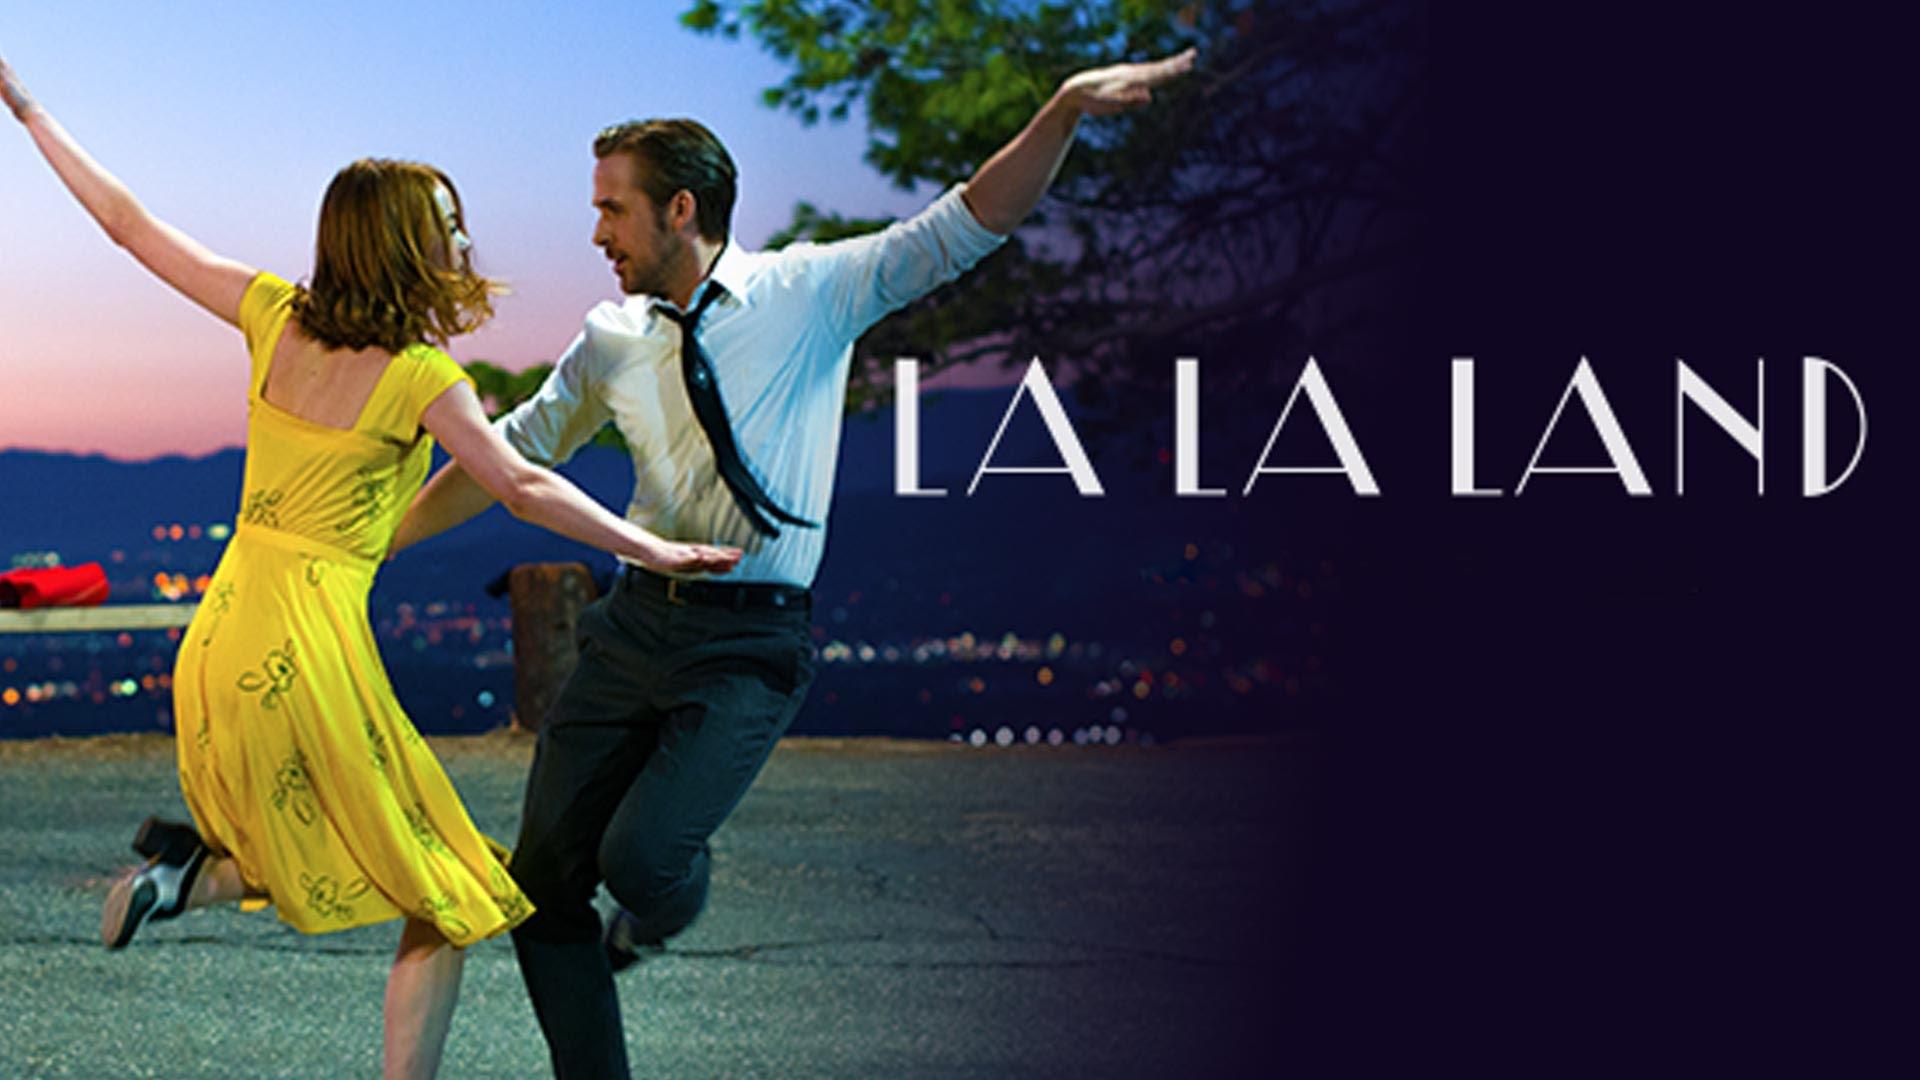 La La Land Choreo & Tea Dance